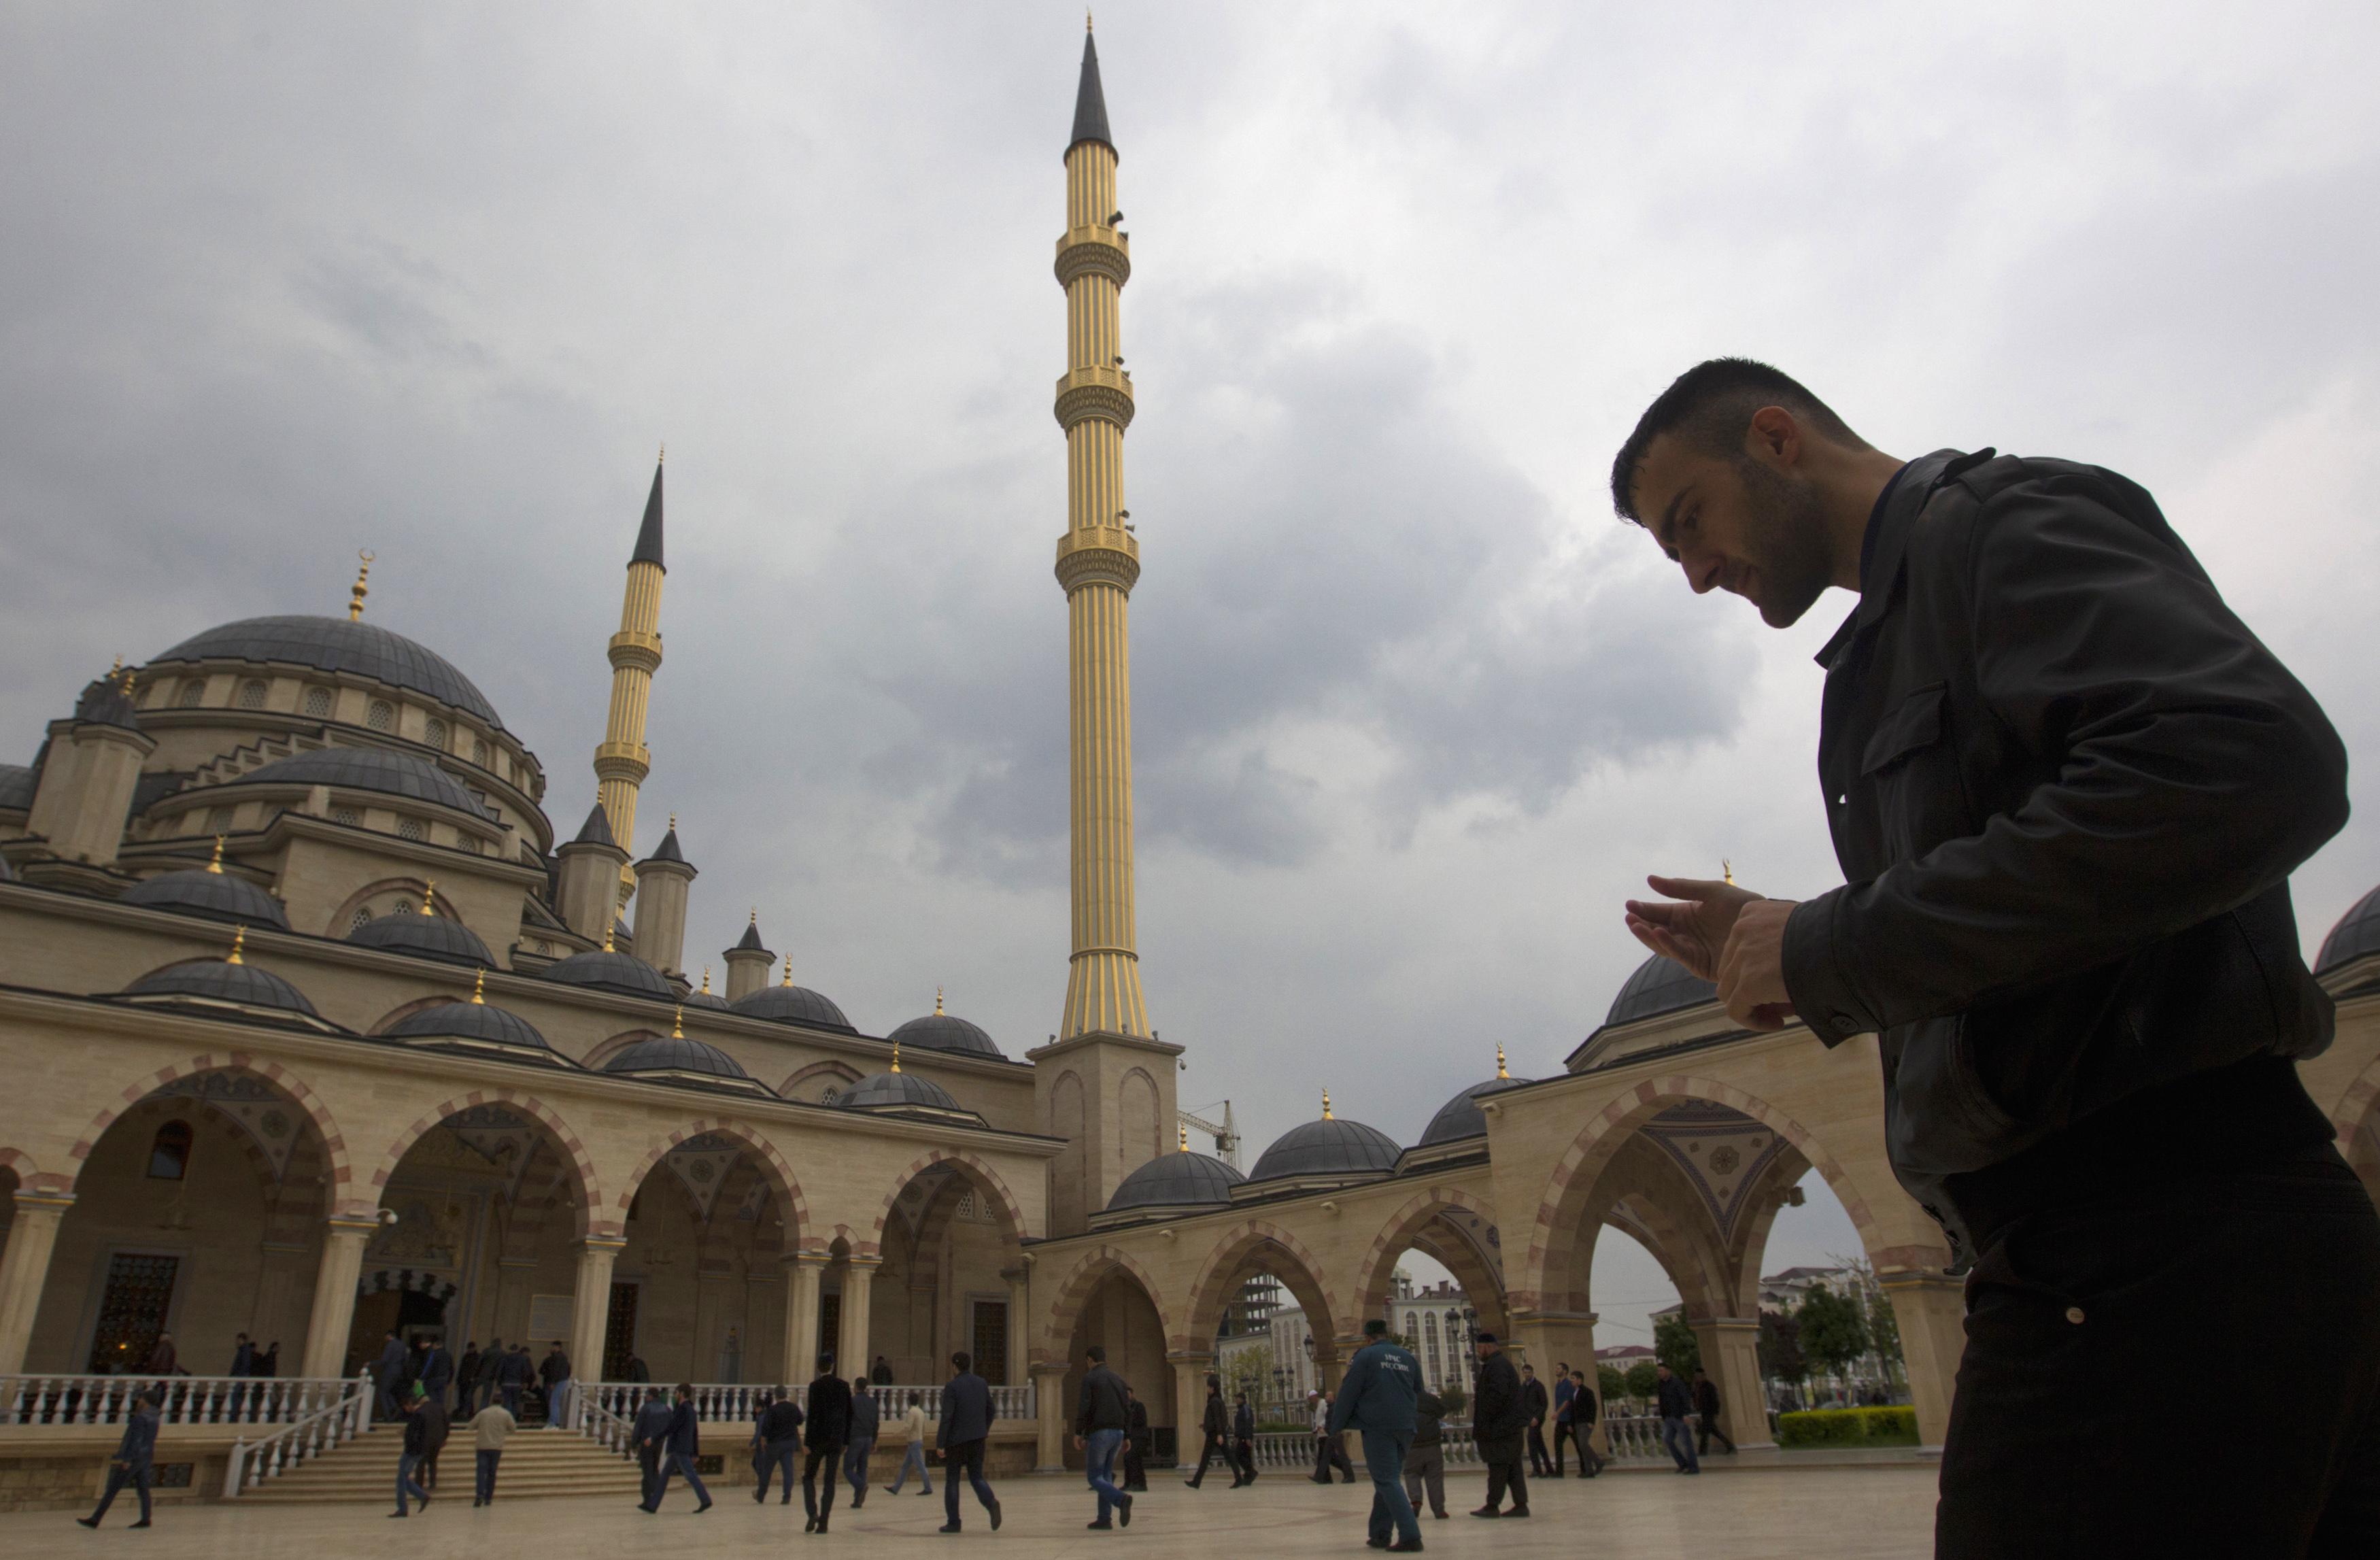 """10. Единствената джамия в Русия с видео стрийминг на живо (24/7 онлайн излъчване). Джамията """"Сърцето на Чечения"""", кръстена на първия президент на Чеченската република Ахмат Кадиров, е построена в турски стил и наподобява """"Синята джамия"""" в Истанбул. """"Сърцето на Чечня"""" е оборудвана и с уеб камери, поставени пред джамията, които предават на живо 24 часа в денонощието."""